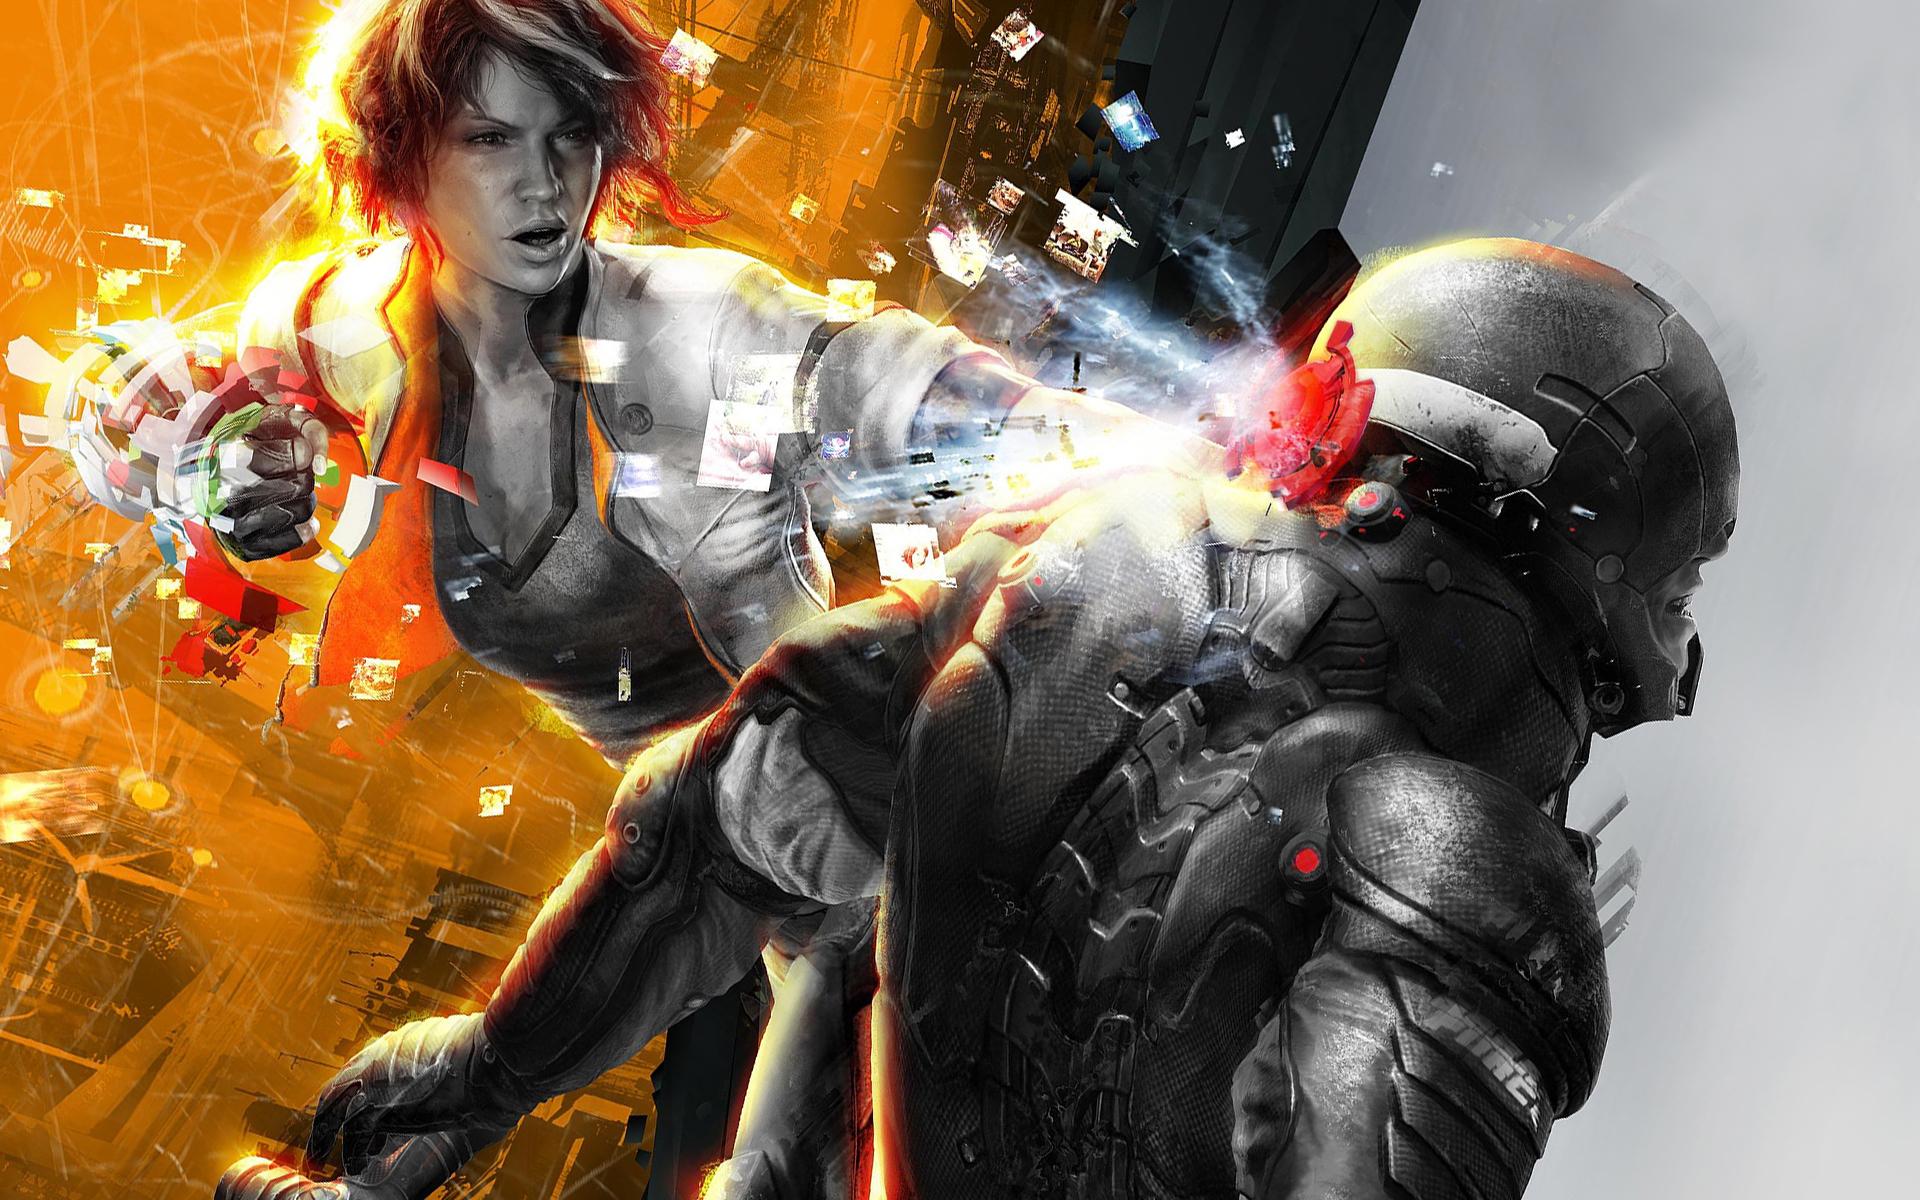 2013 Remember Remember Me Game Artwork 2154365 Hd